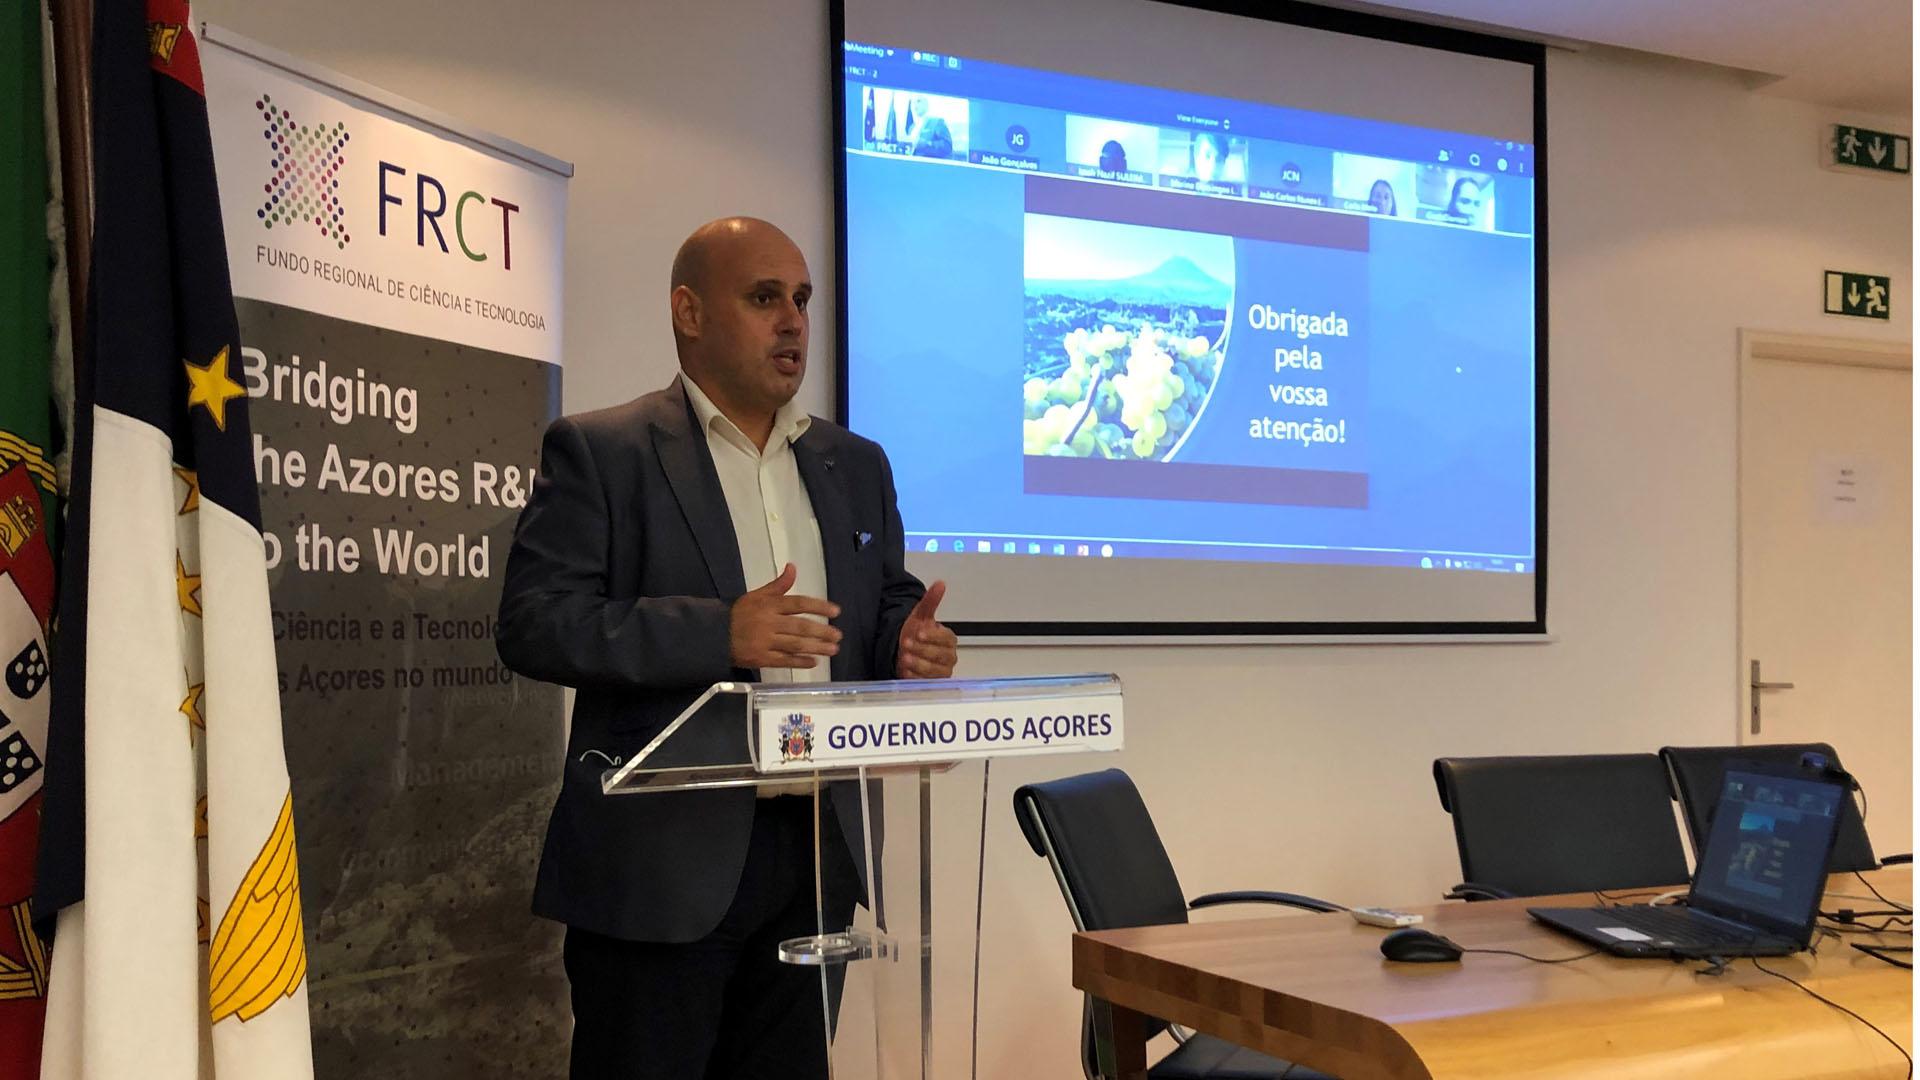 Governo dos Açores atribui 10 bolsas a recém-doutorados para ingressarem no mercado de trabalho regional